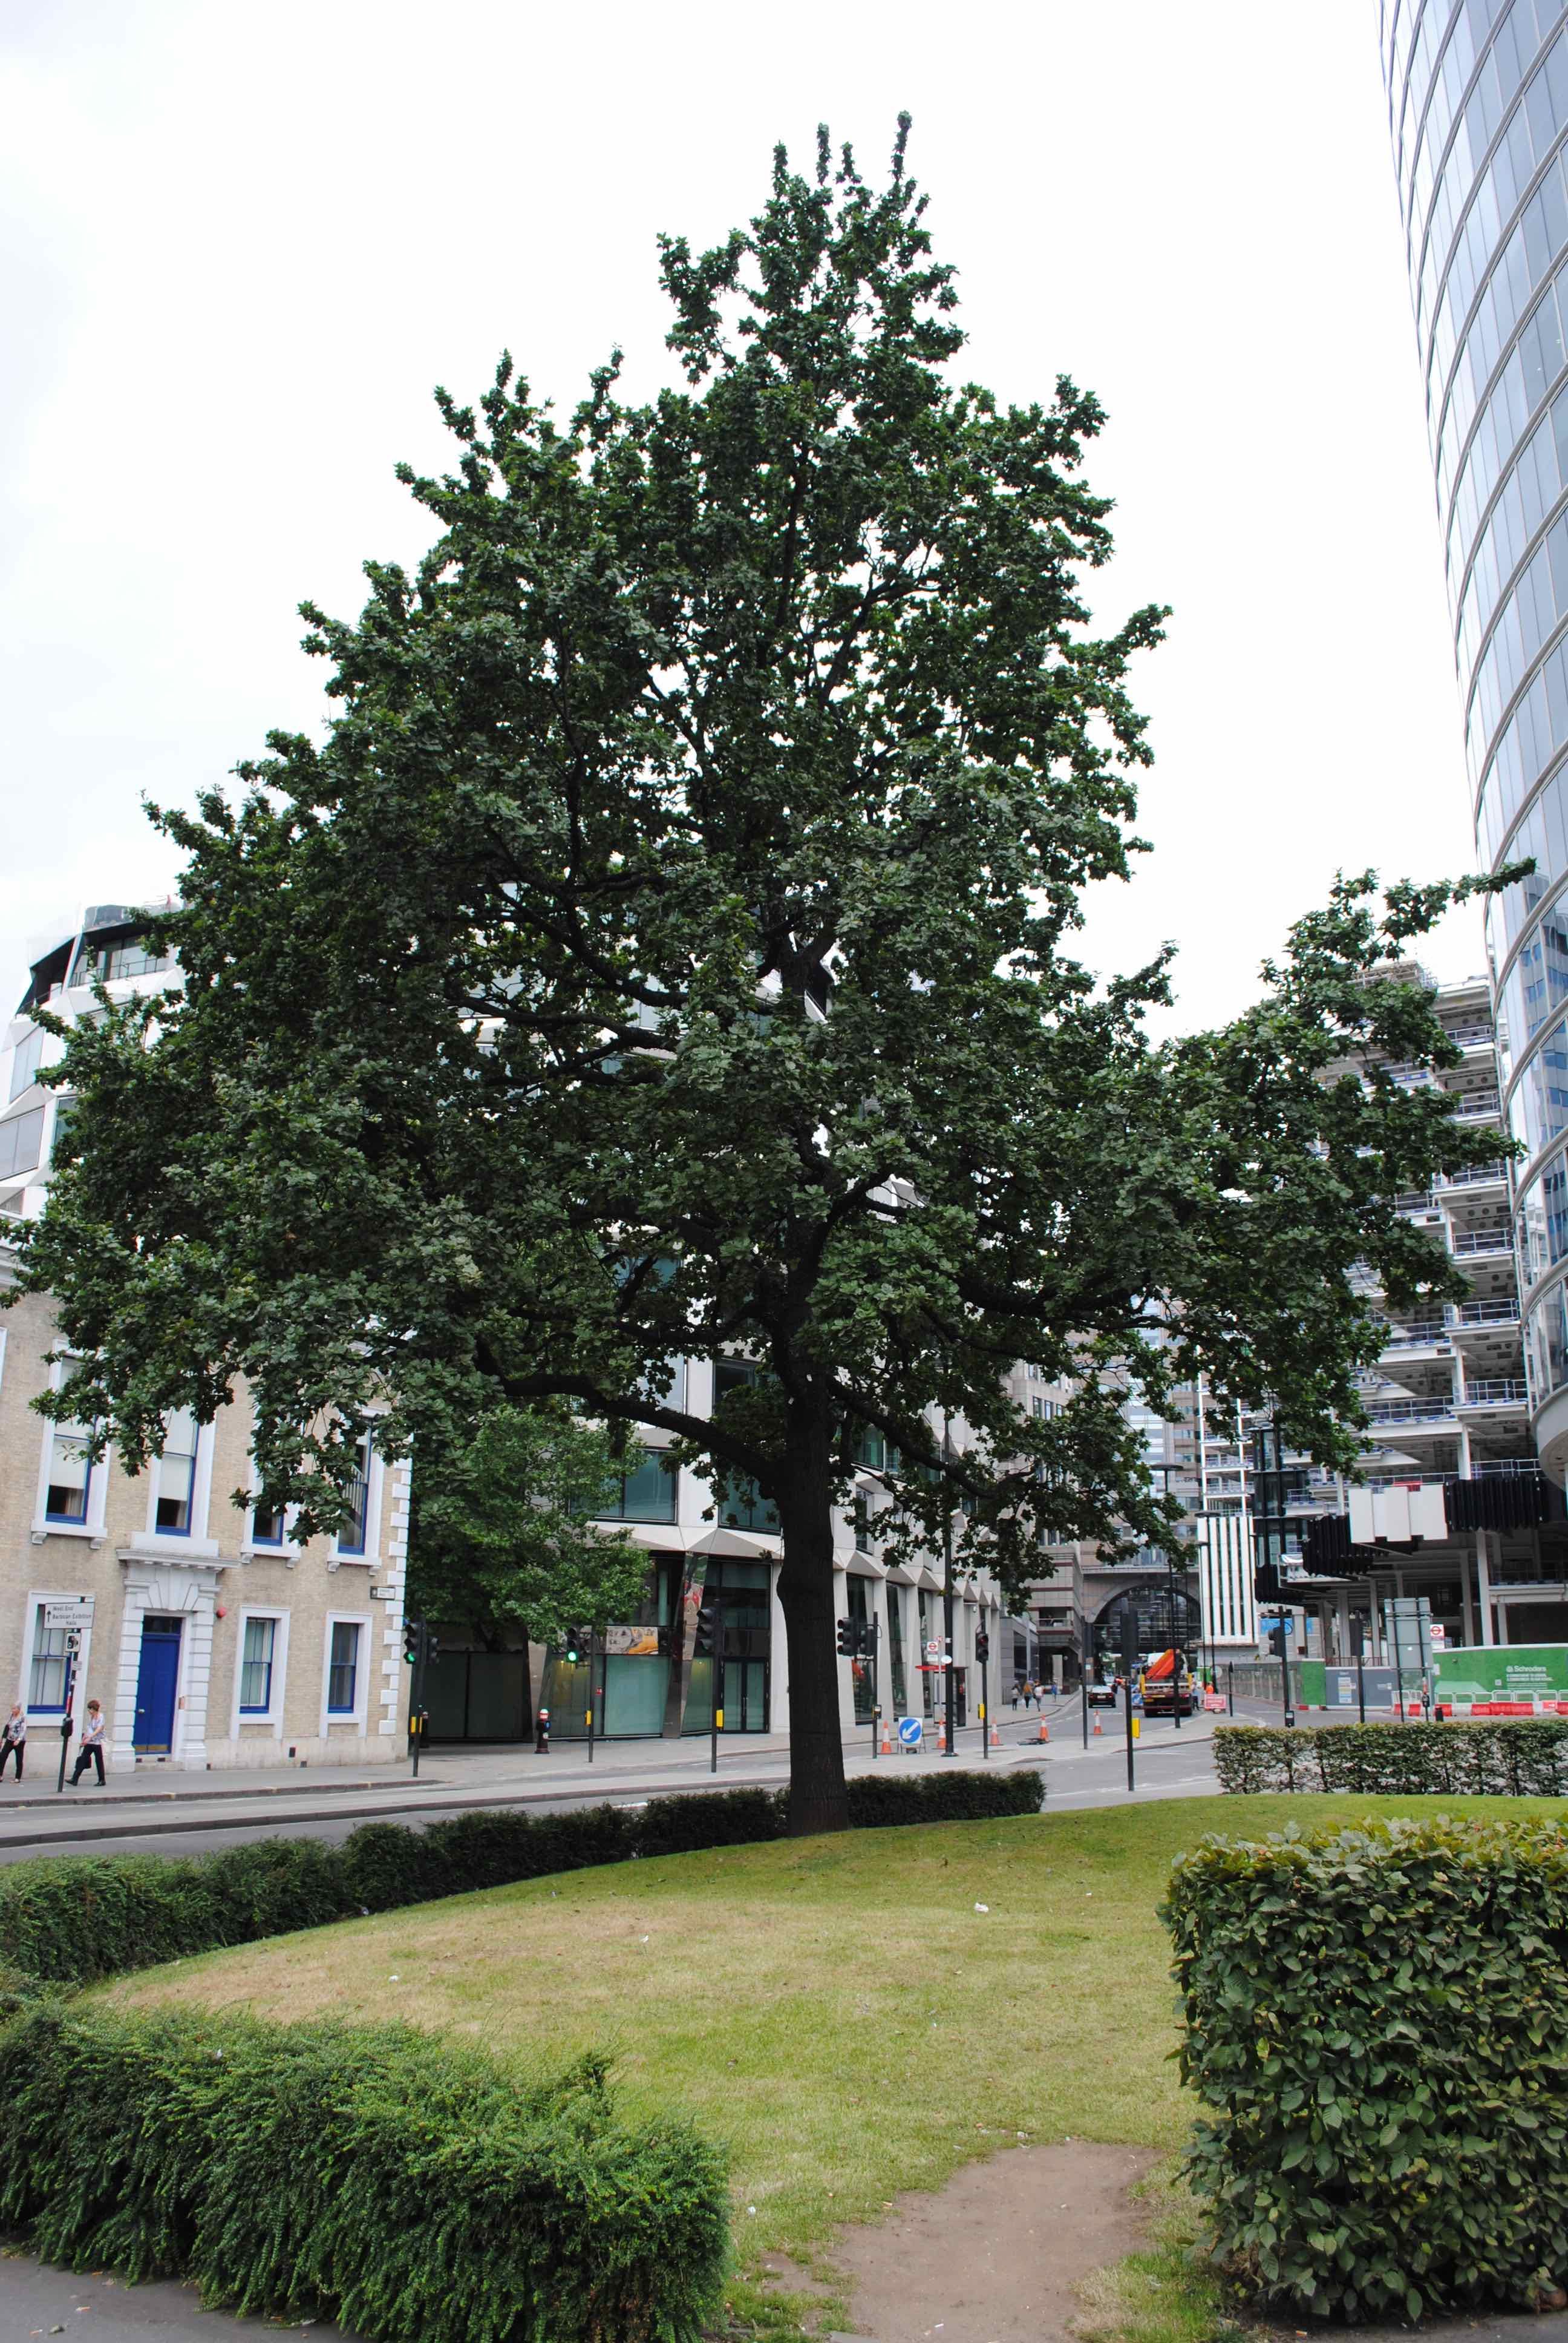 Moorgate oak tree